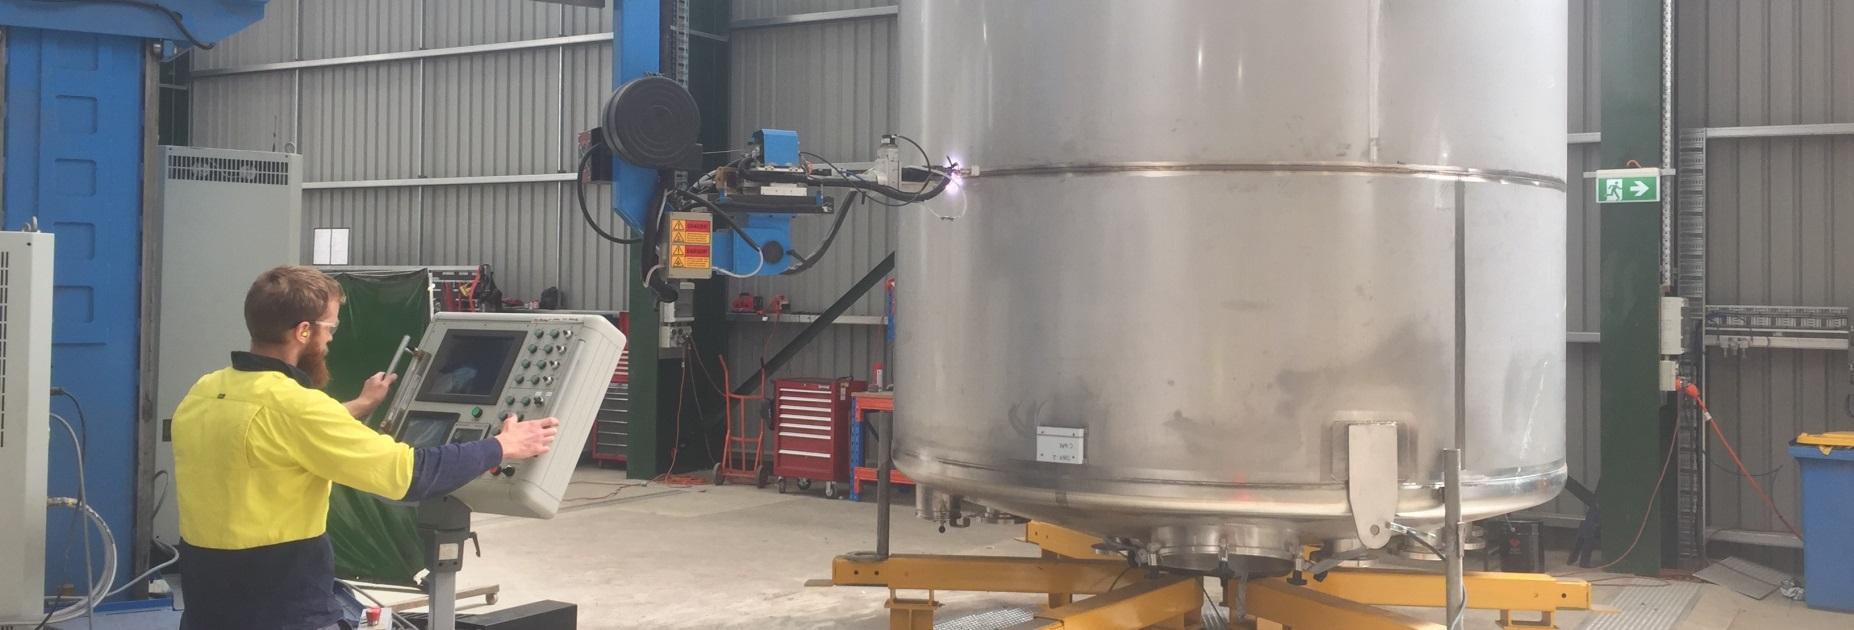 engineering, design, robotics, stainless steel tank, stainless steel pressure vessels